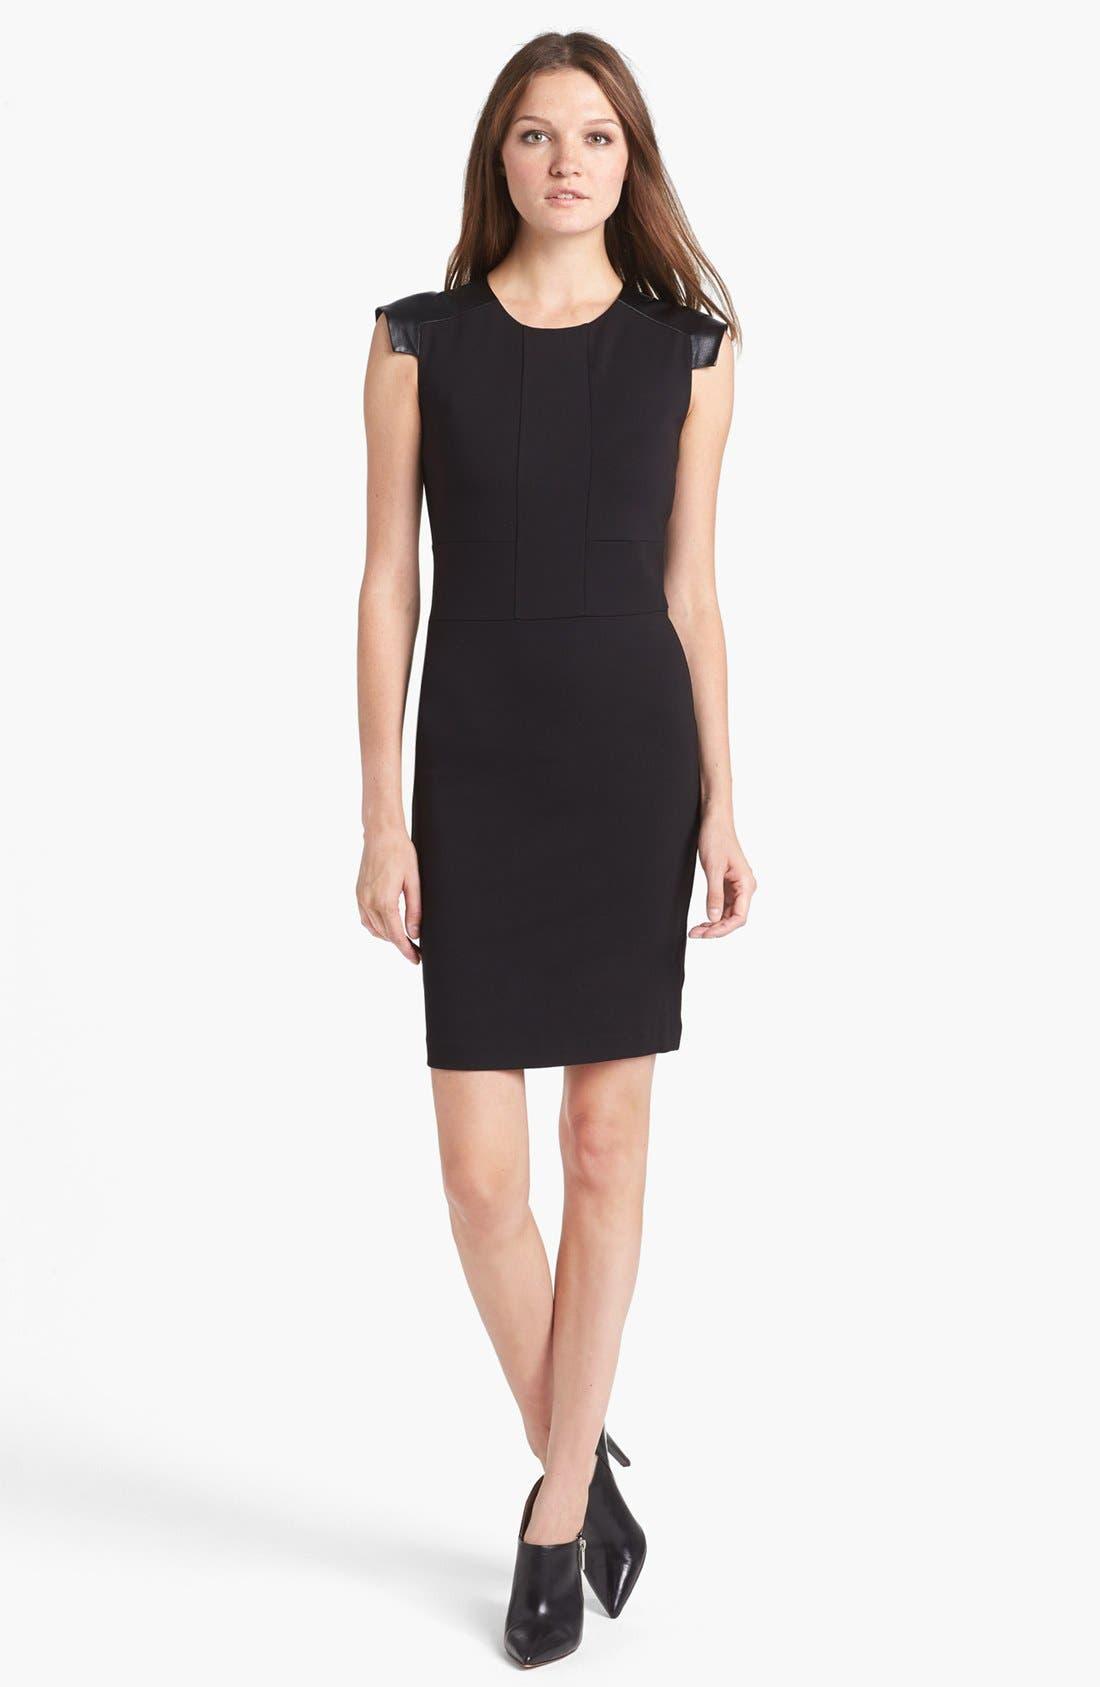 Alternate Image 1 Selected - Ted Baker London Leather Shoulder Sheath Dress